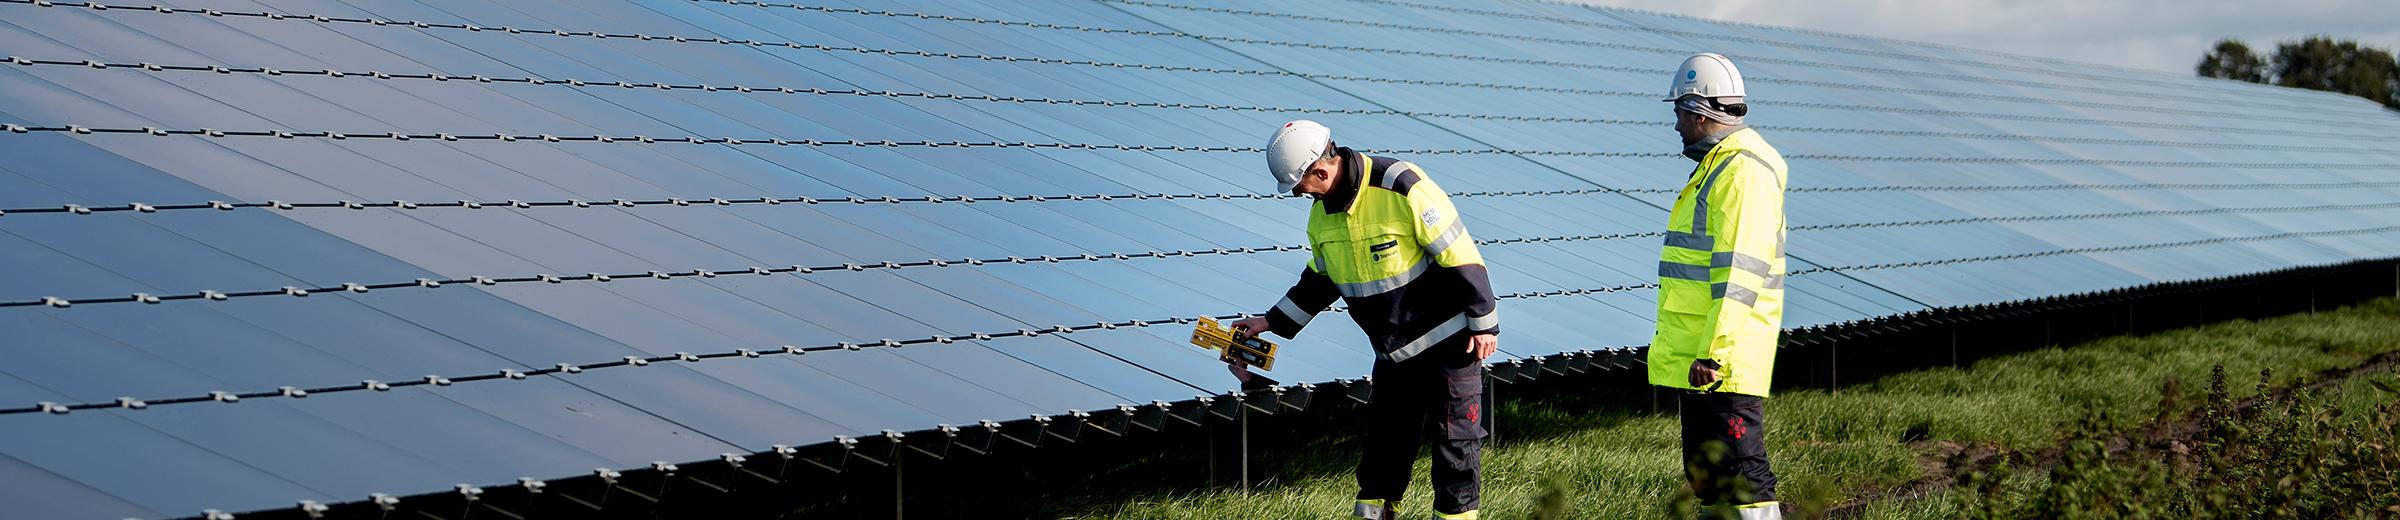 Arbeiter vor Solaranlage